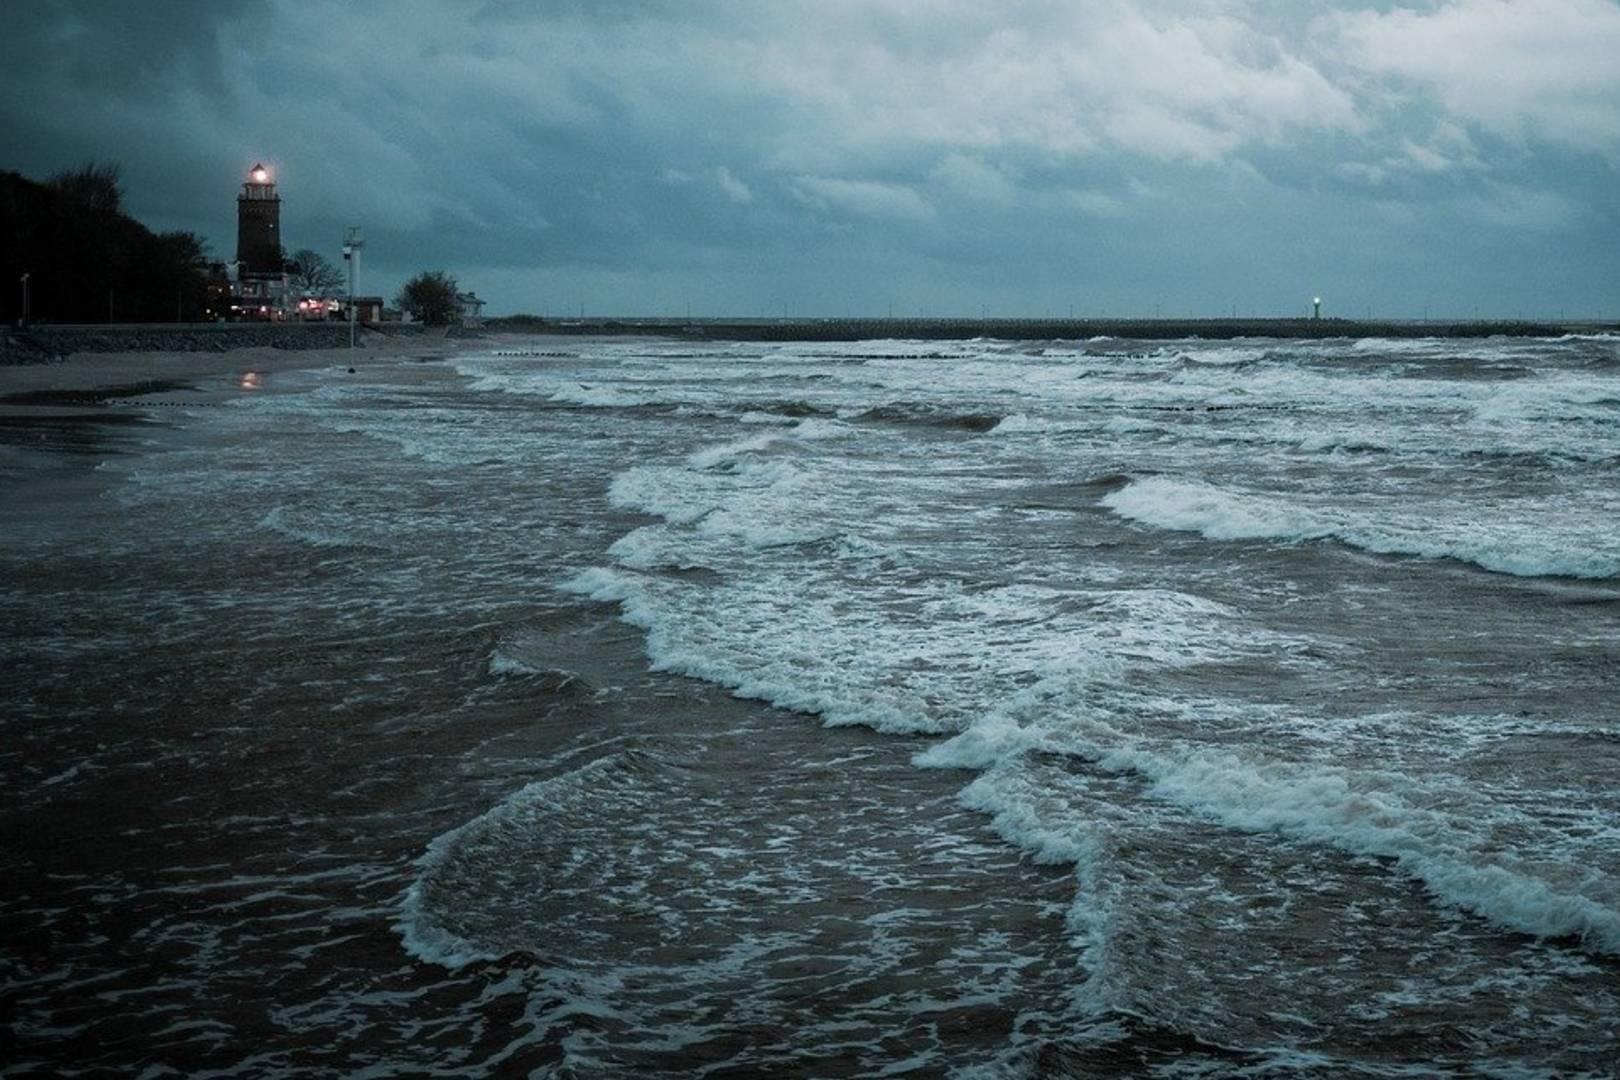 Nie żyje mężczyzna. Śmierć na plaży w Kołobrzegu